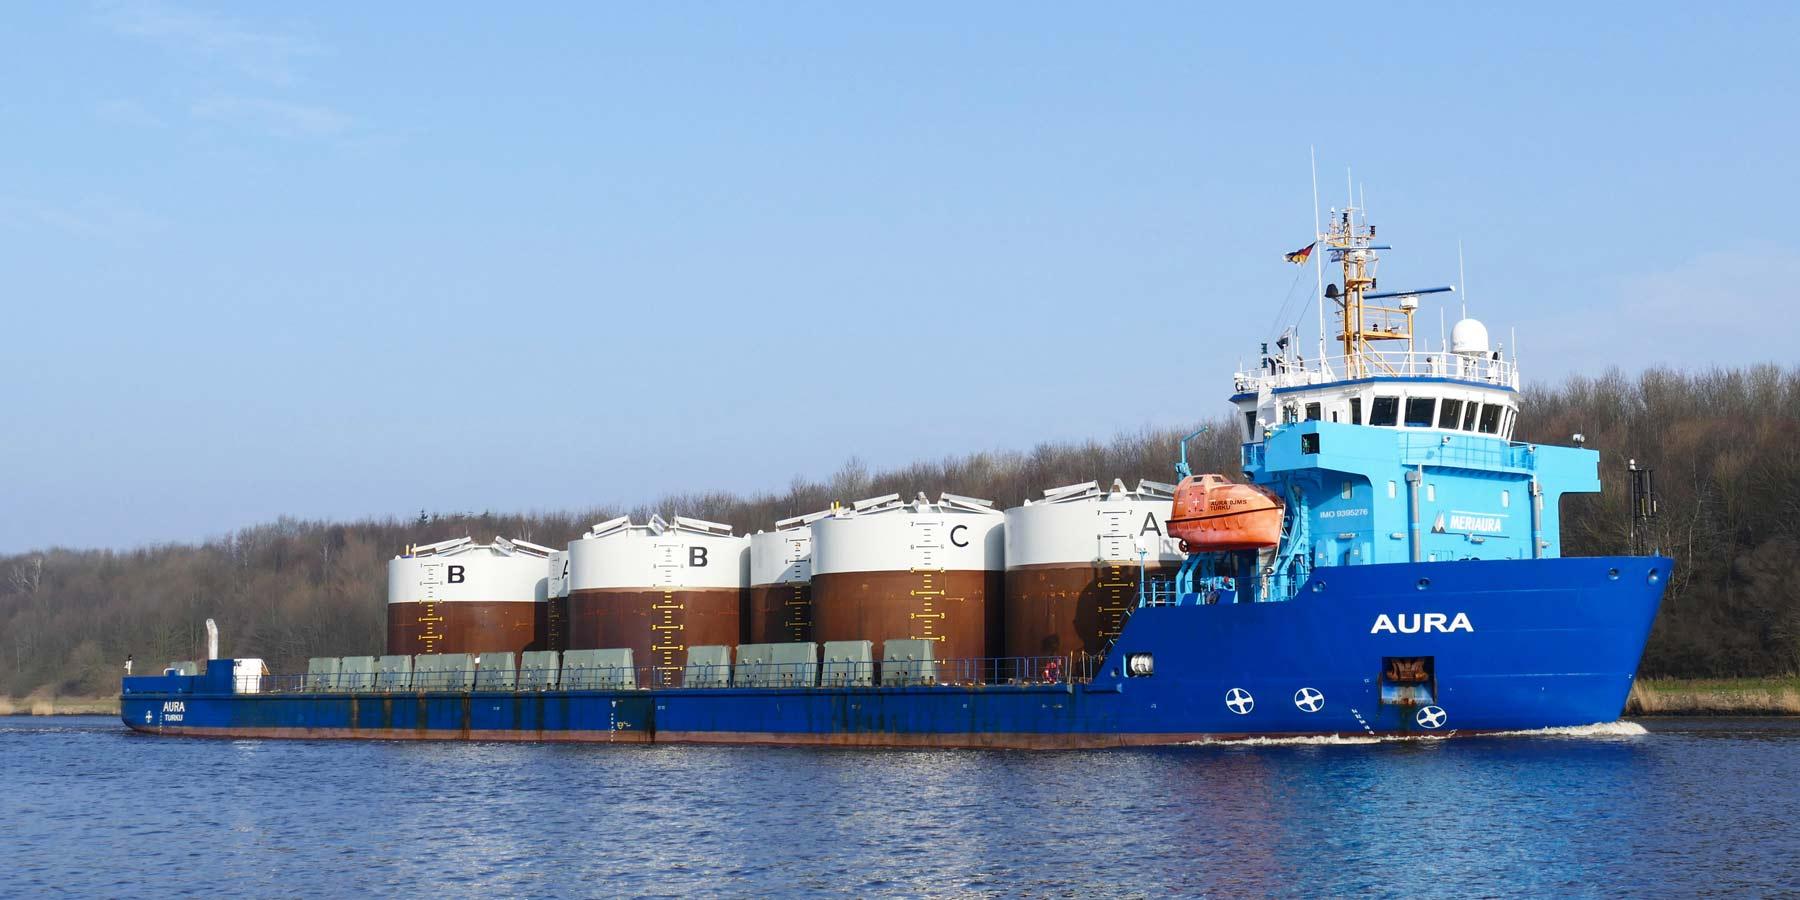 Meriaura takes its fleet to the next level